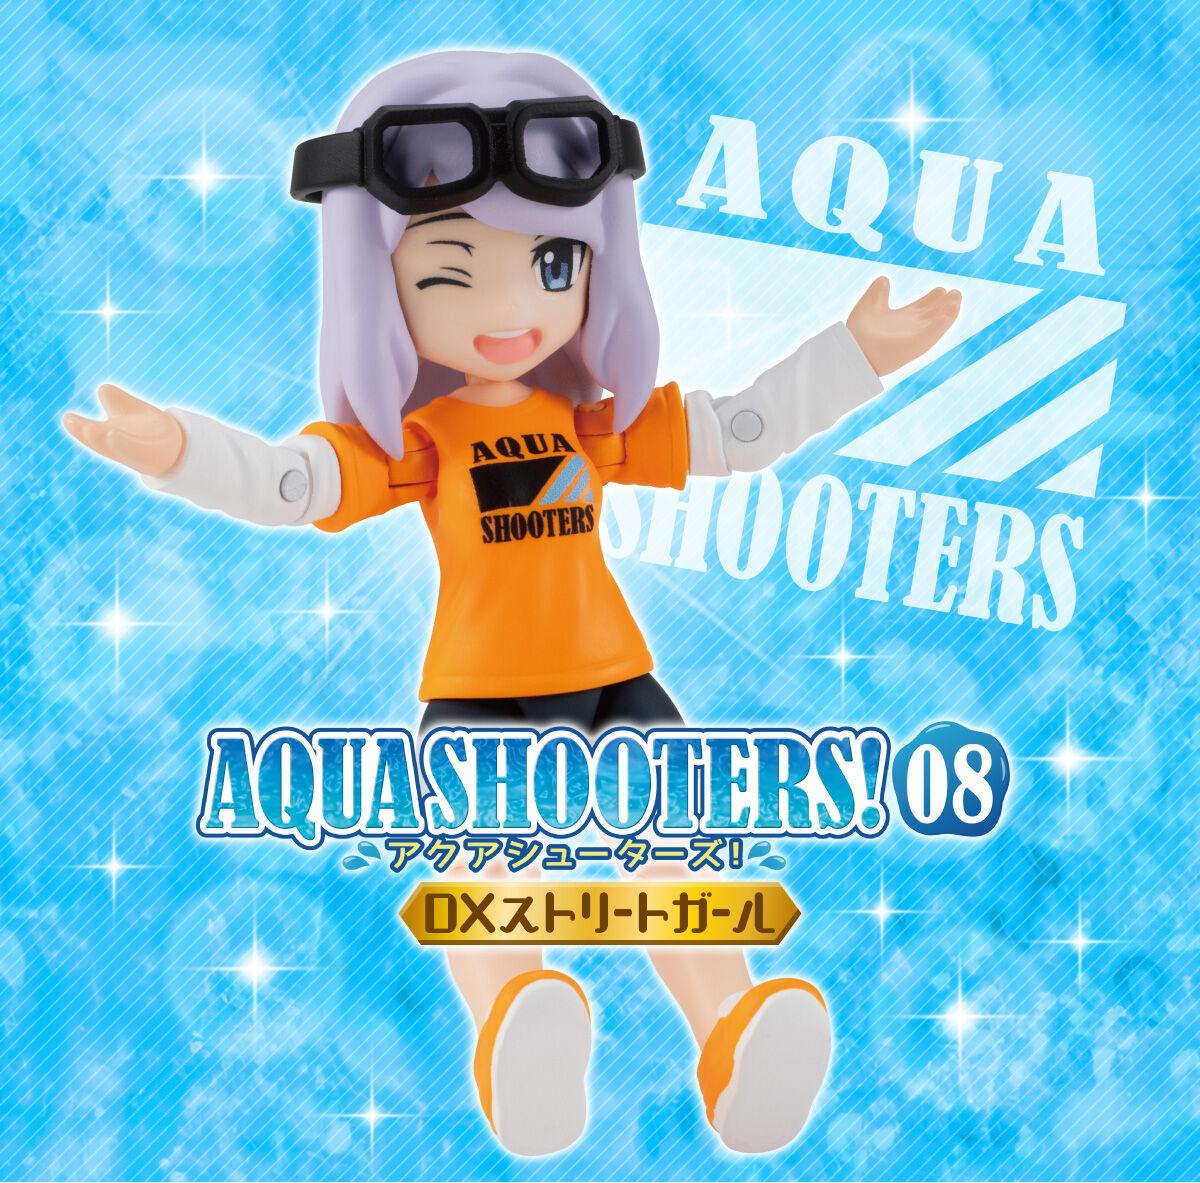 【限定販売】ガシャポン『AQUA SHOOTERS!08 DXストリートガール』デフォルメ可動フィギュア